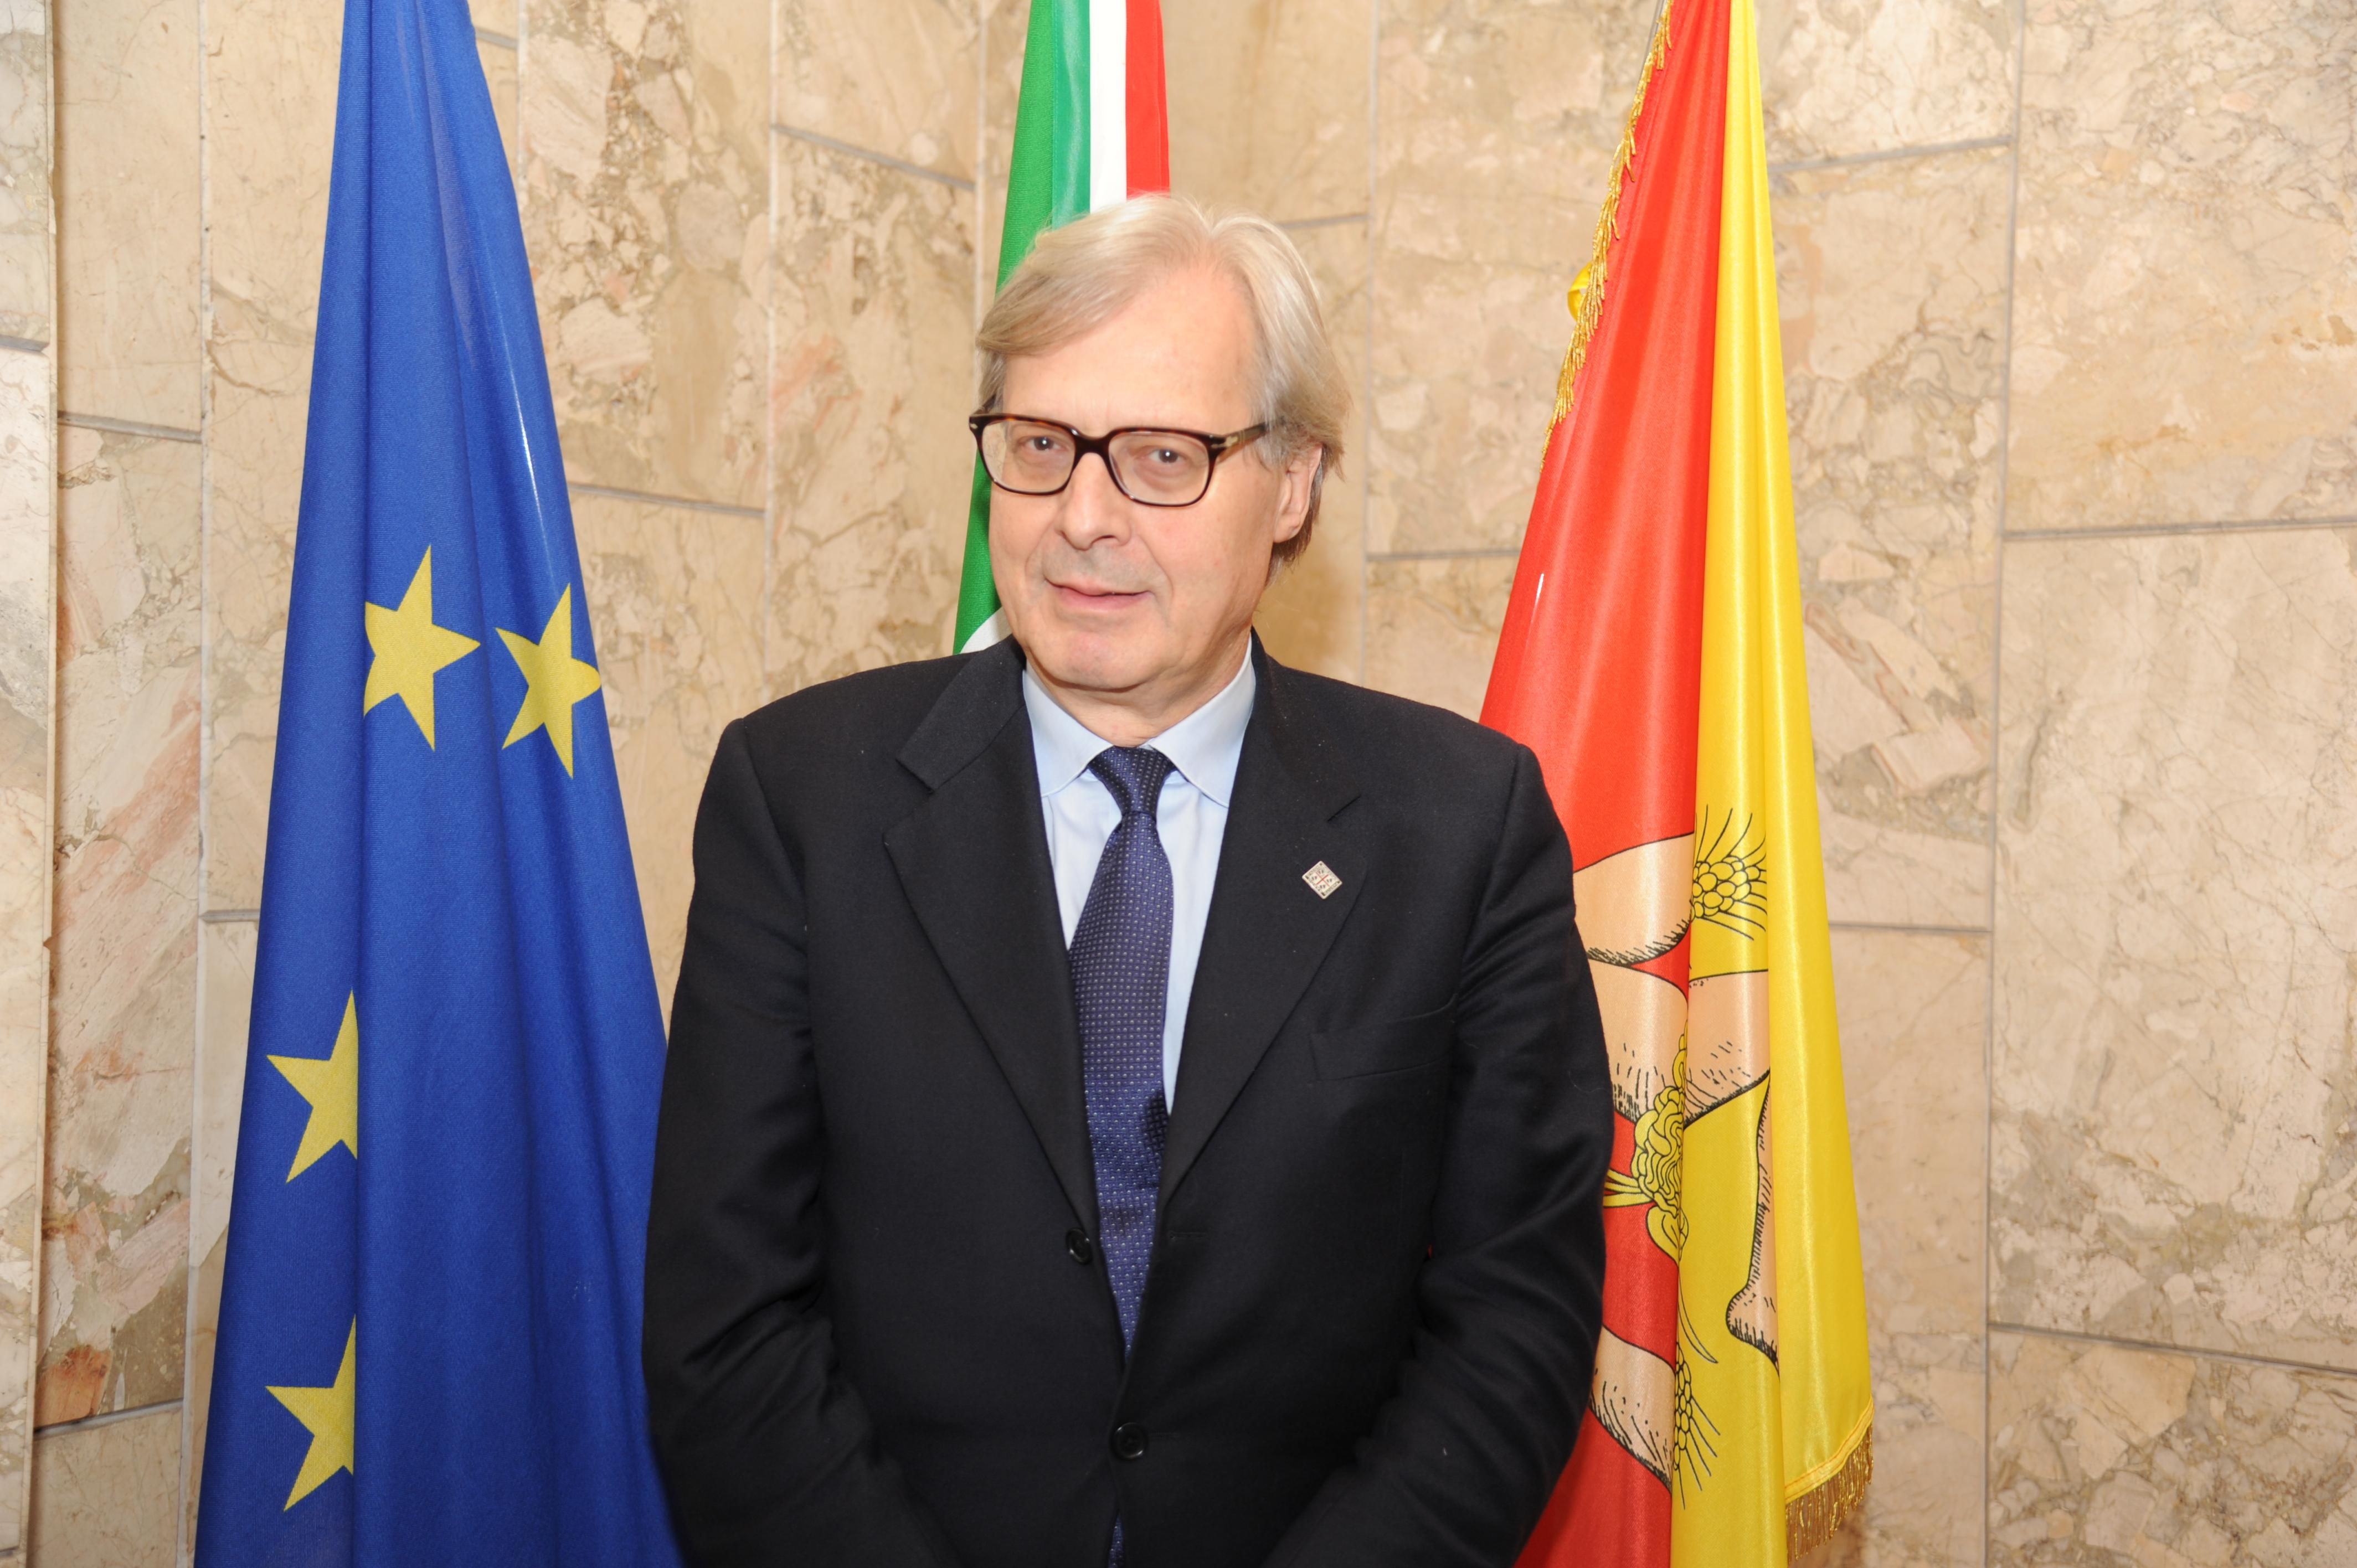 Insediato a Palermo il nuovo esecutivo regionale siciliano